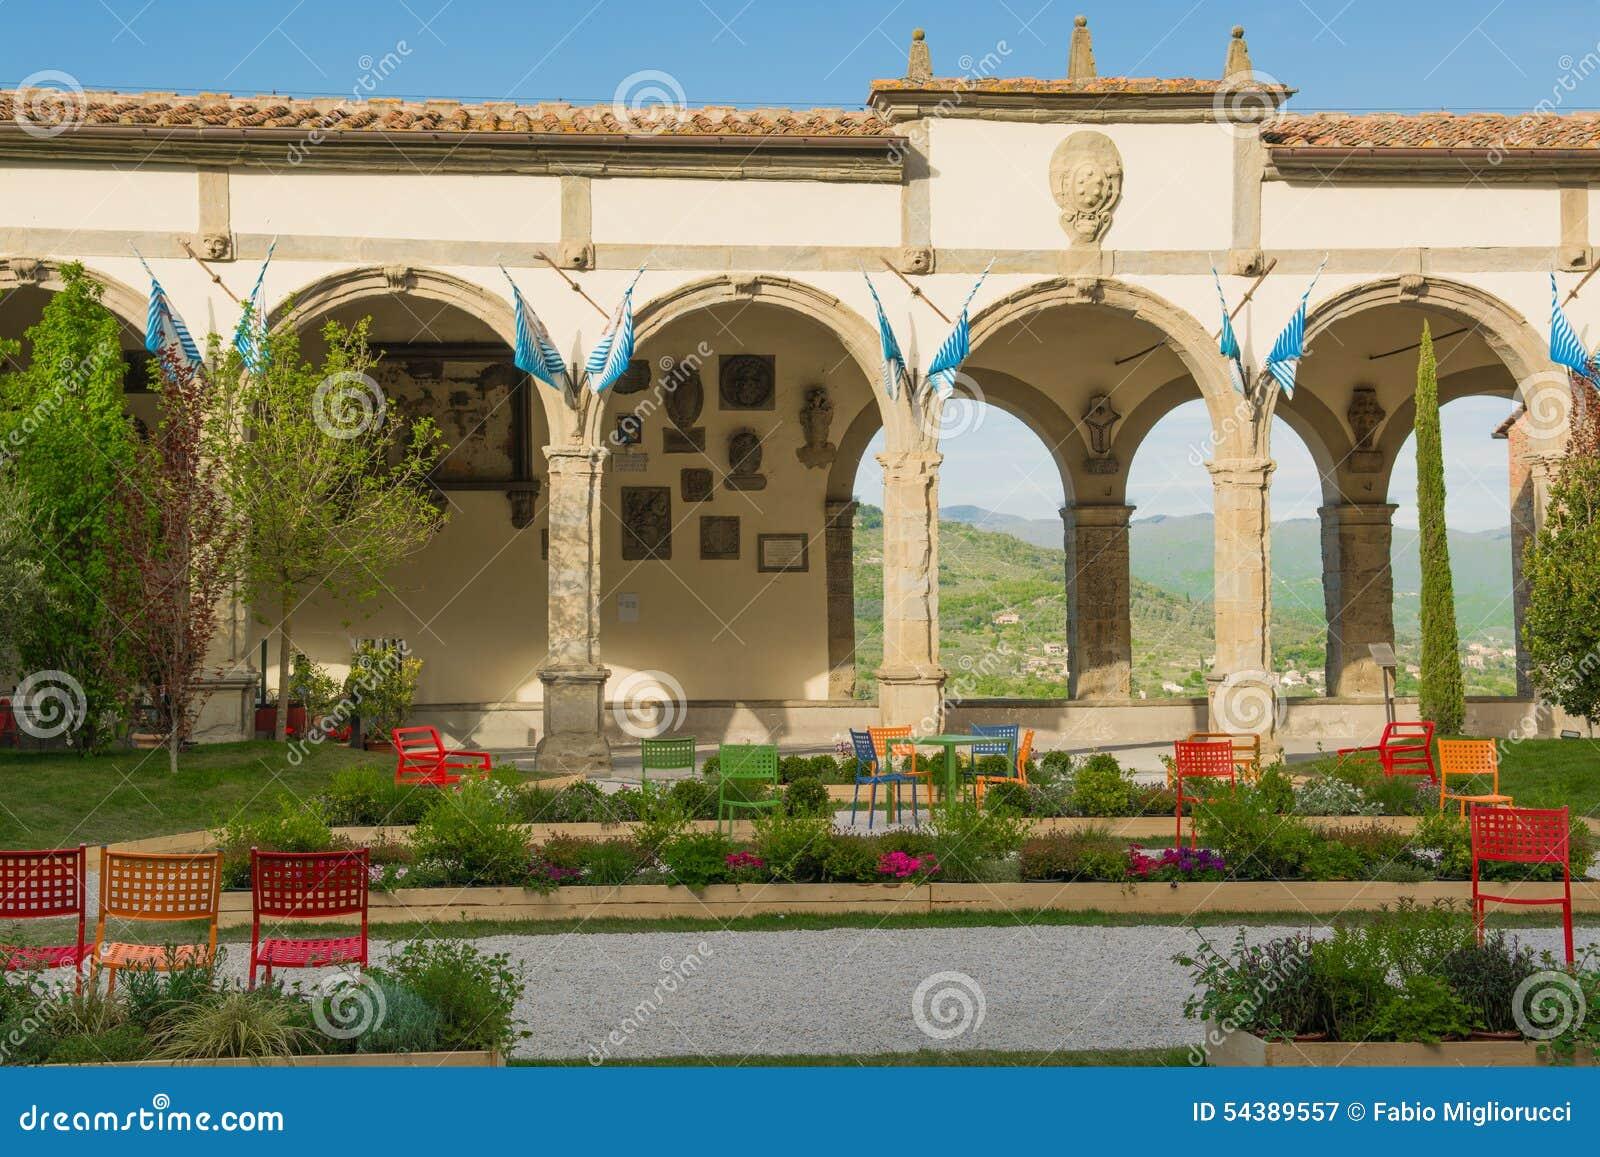 Town Hall Square In Castiglion Fiorentino Stock Image - Image of ...